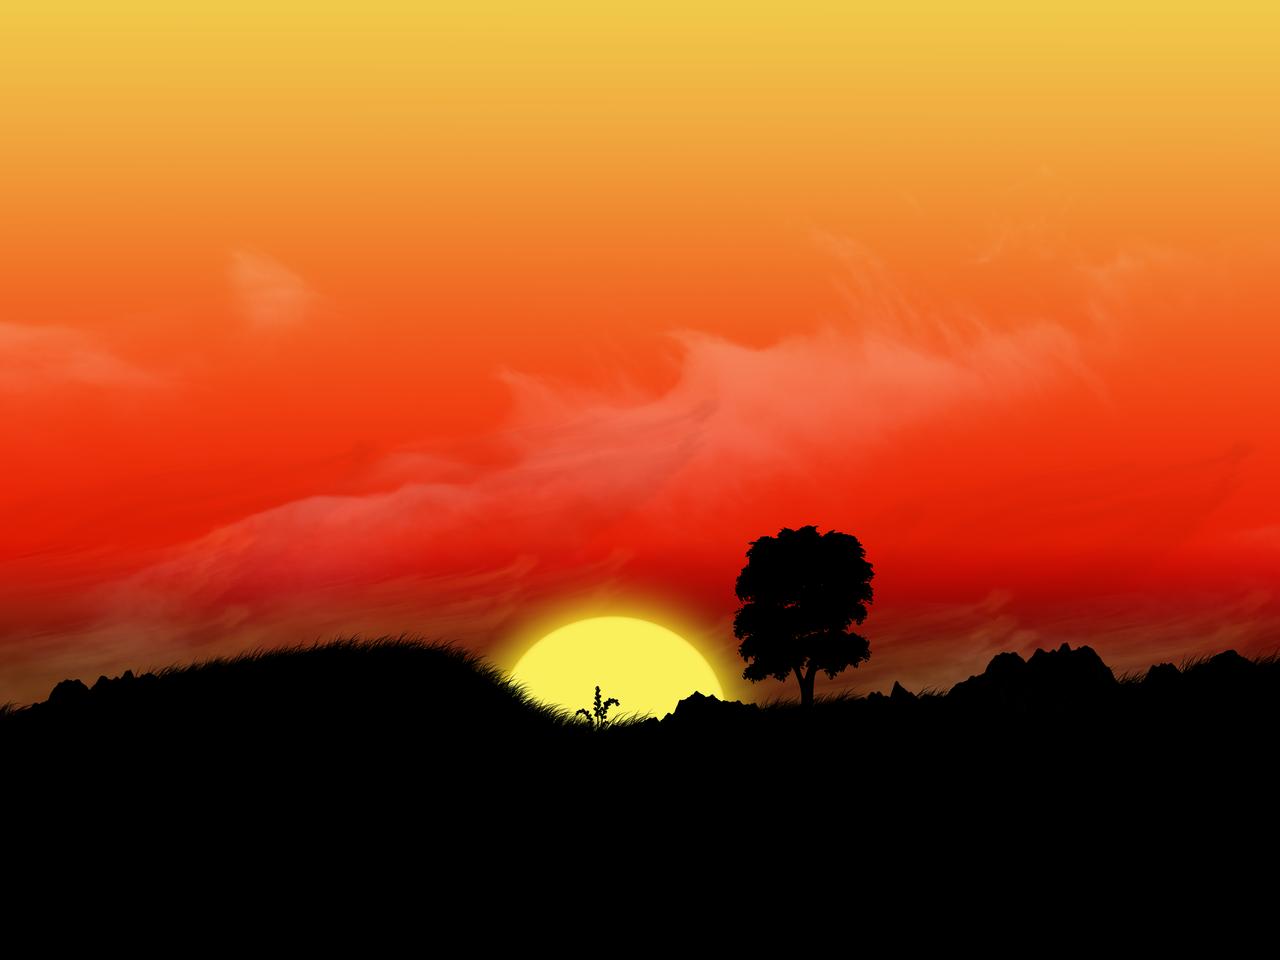 Vivid Sunset by s3vendays